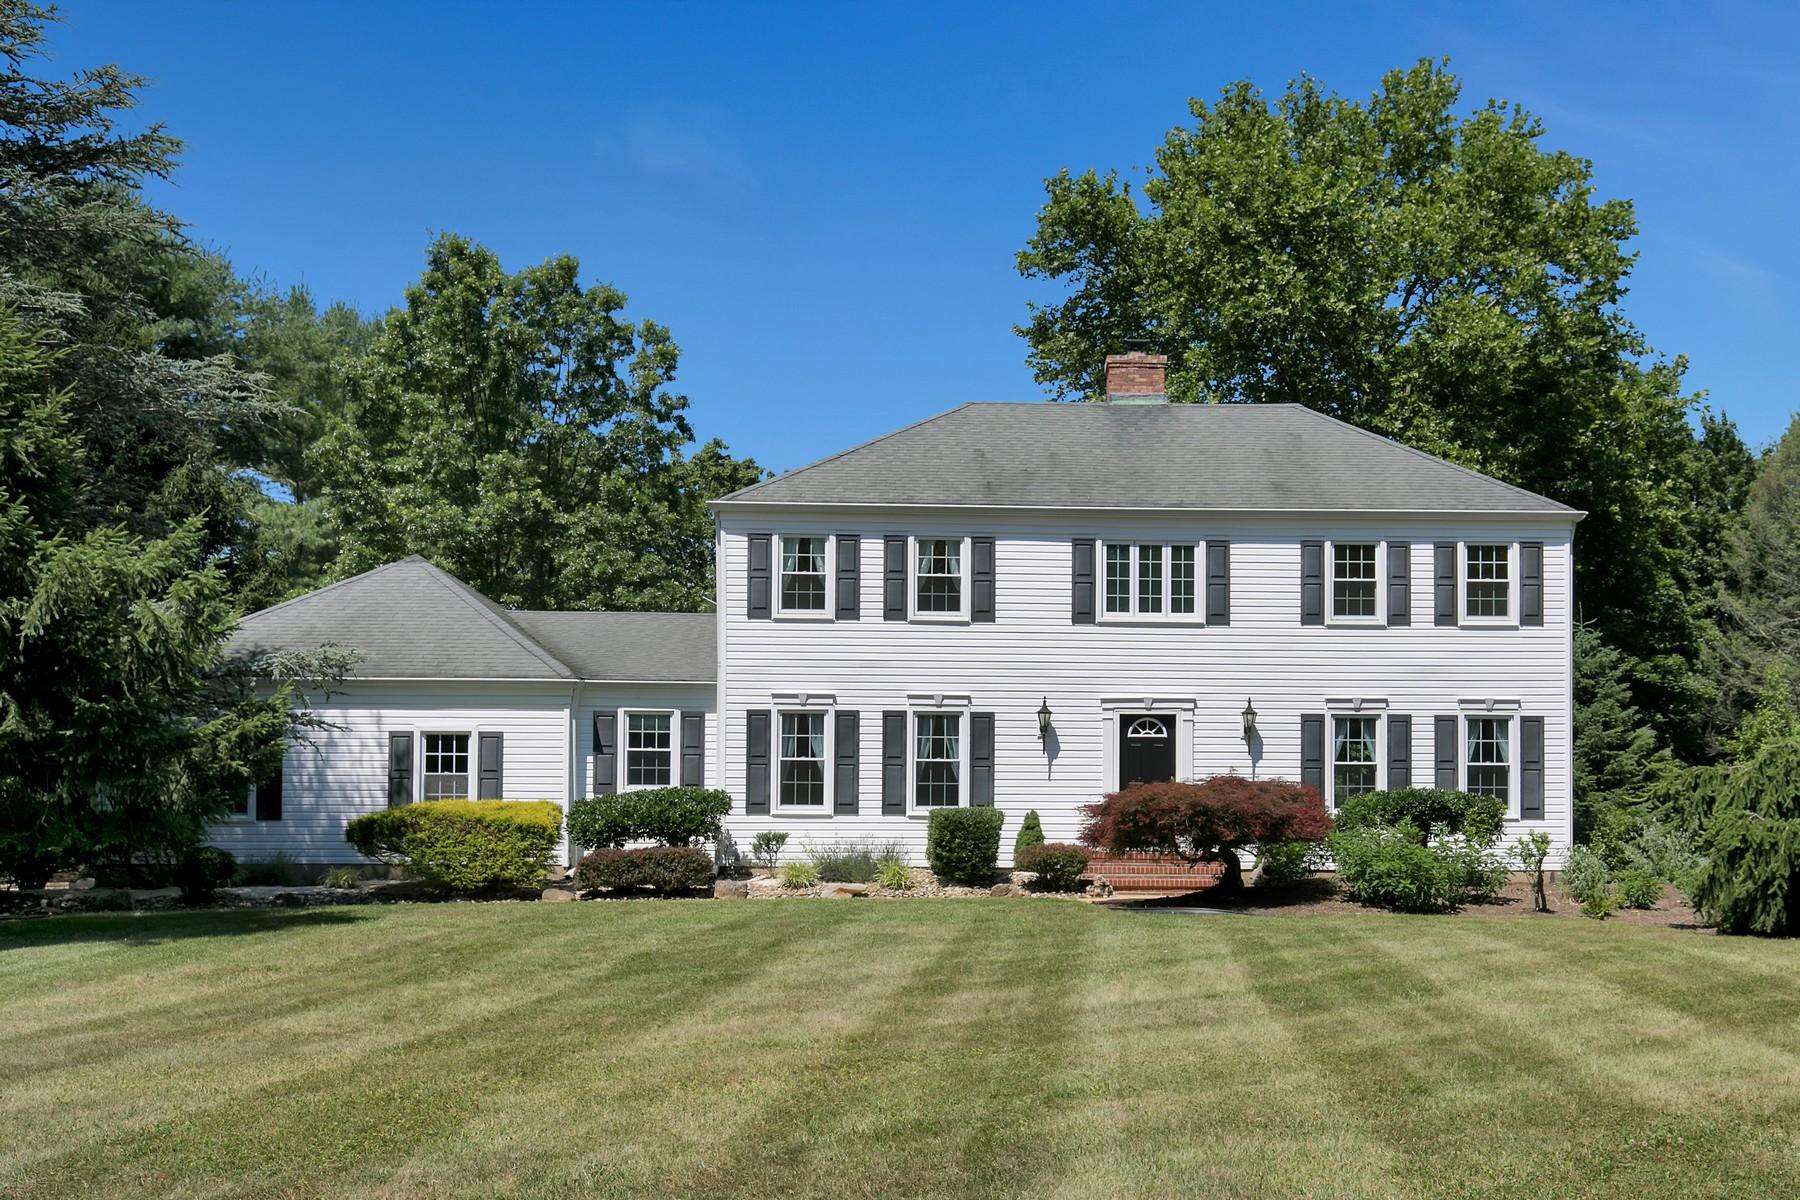 一戸建て のために 売買 アット 15 Blackbriar Drive Colts Neck, ニュージャージー, 07722 アメリカ合衆国